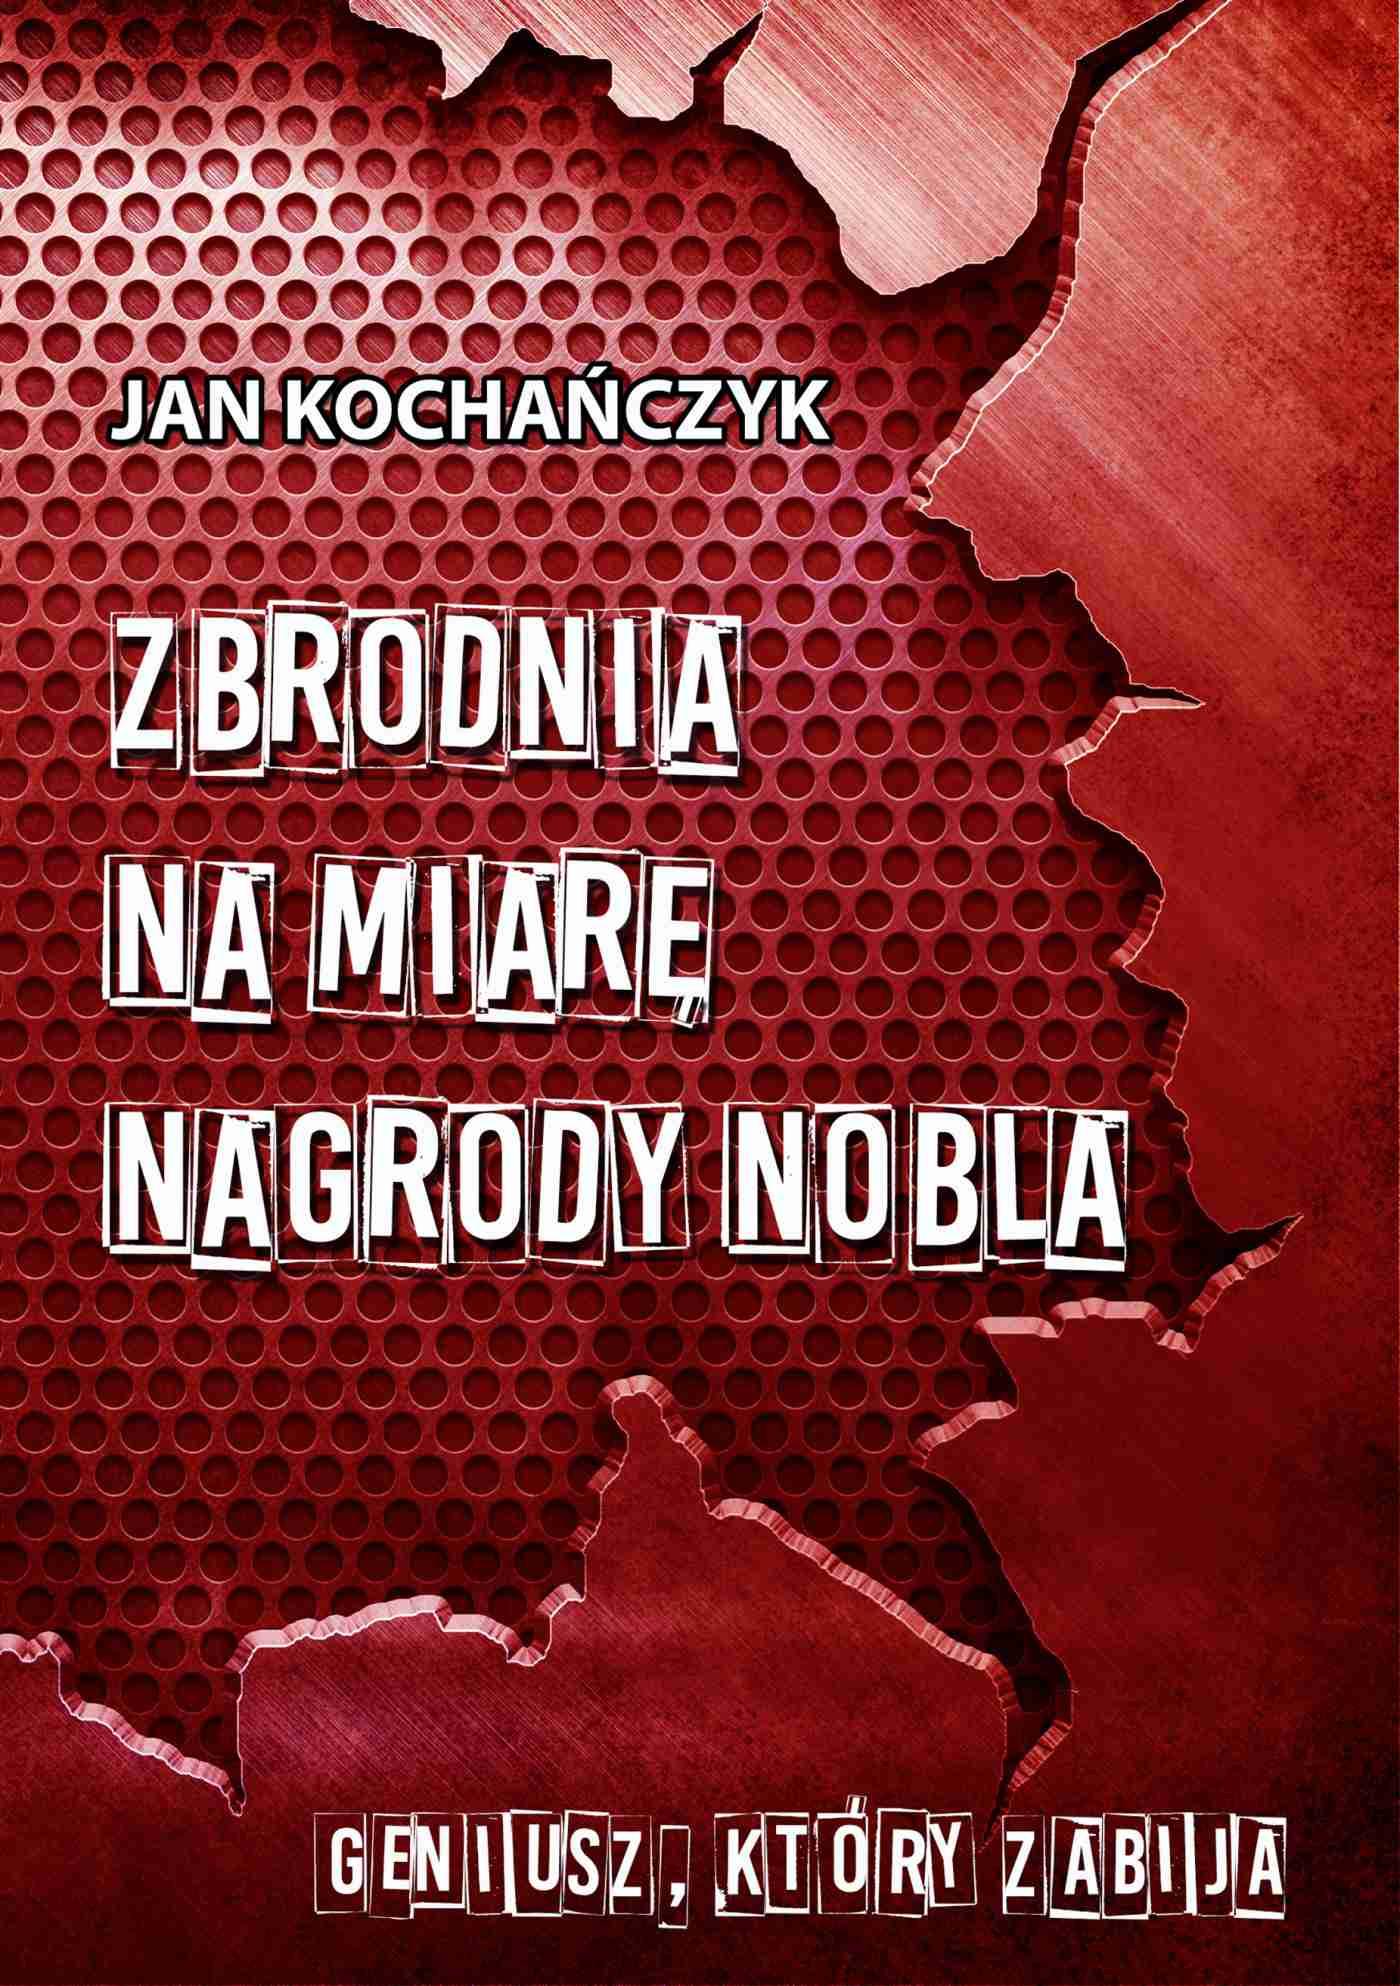 Zbrodnia na miarę Nagrody Nobla - Ebook (Książka PDF) do pobrania w formacie PDF